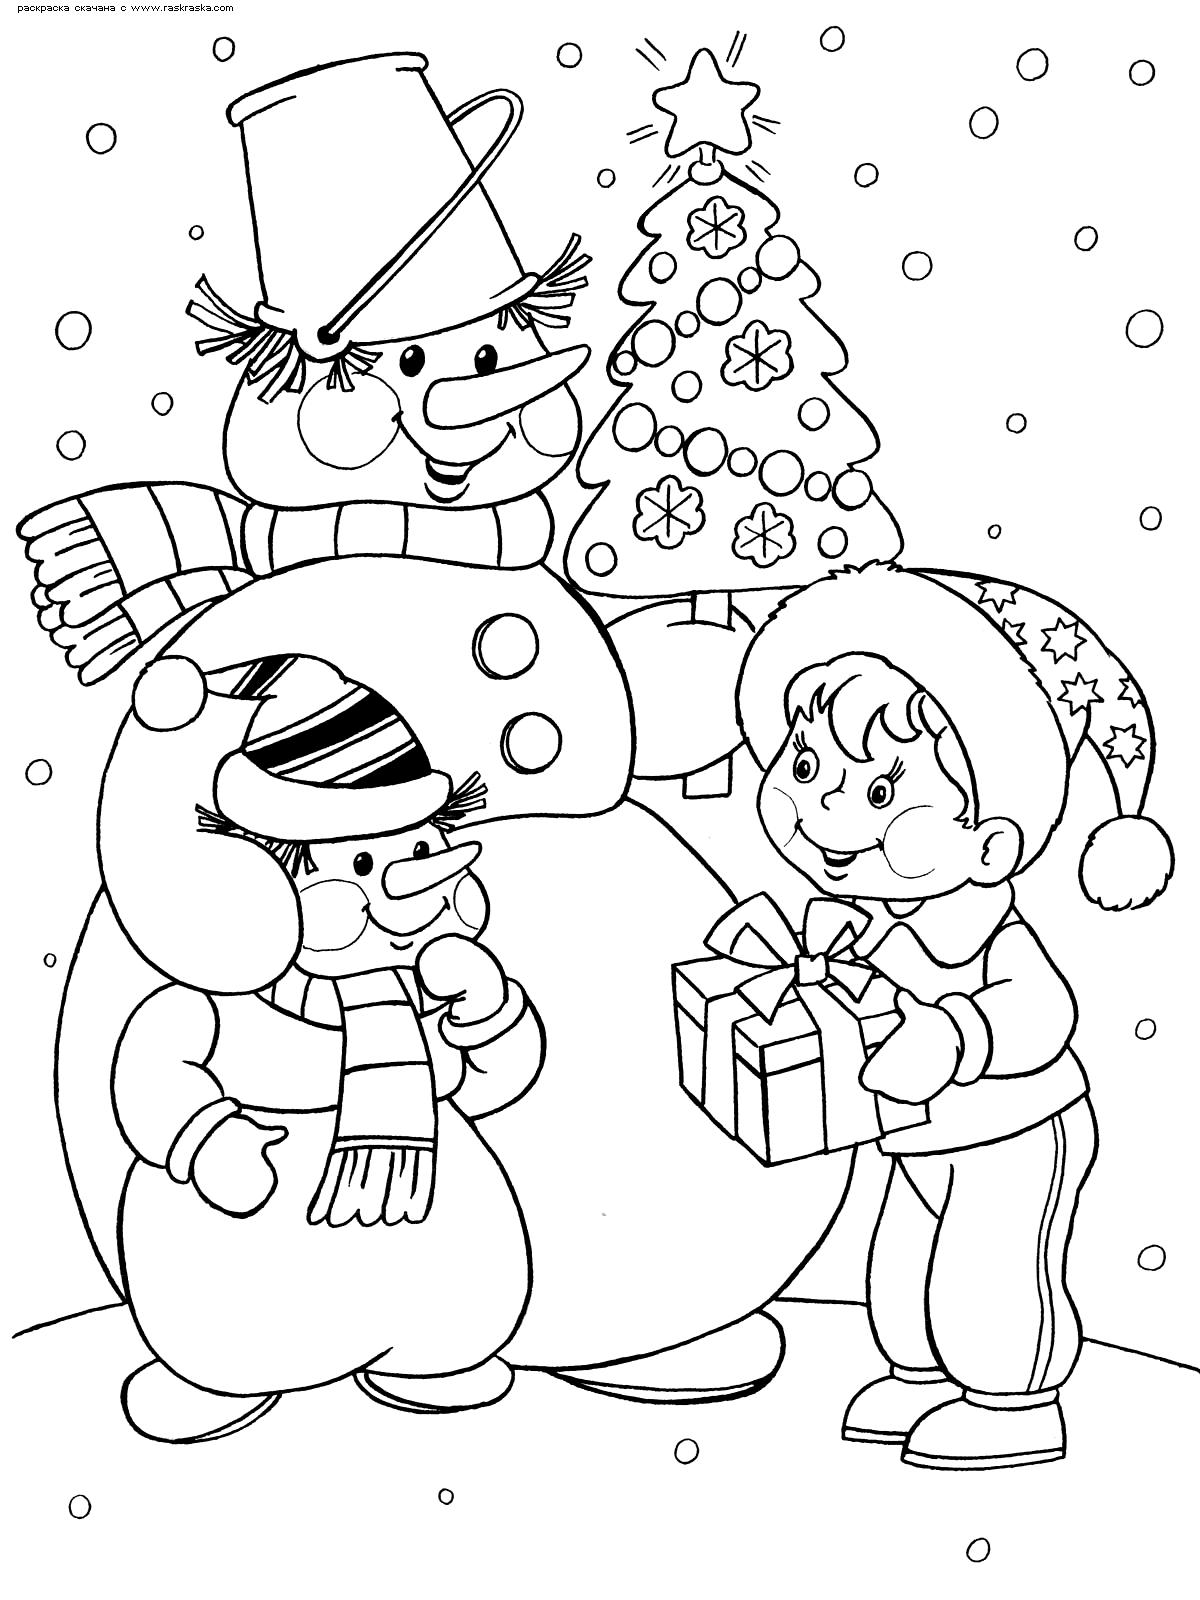 Раскраска Снеговик дарит подарок. Раскраска снеговик